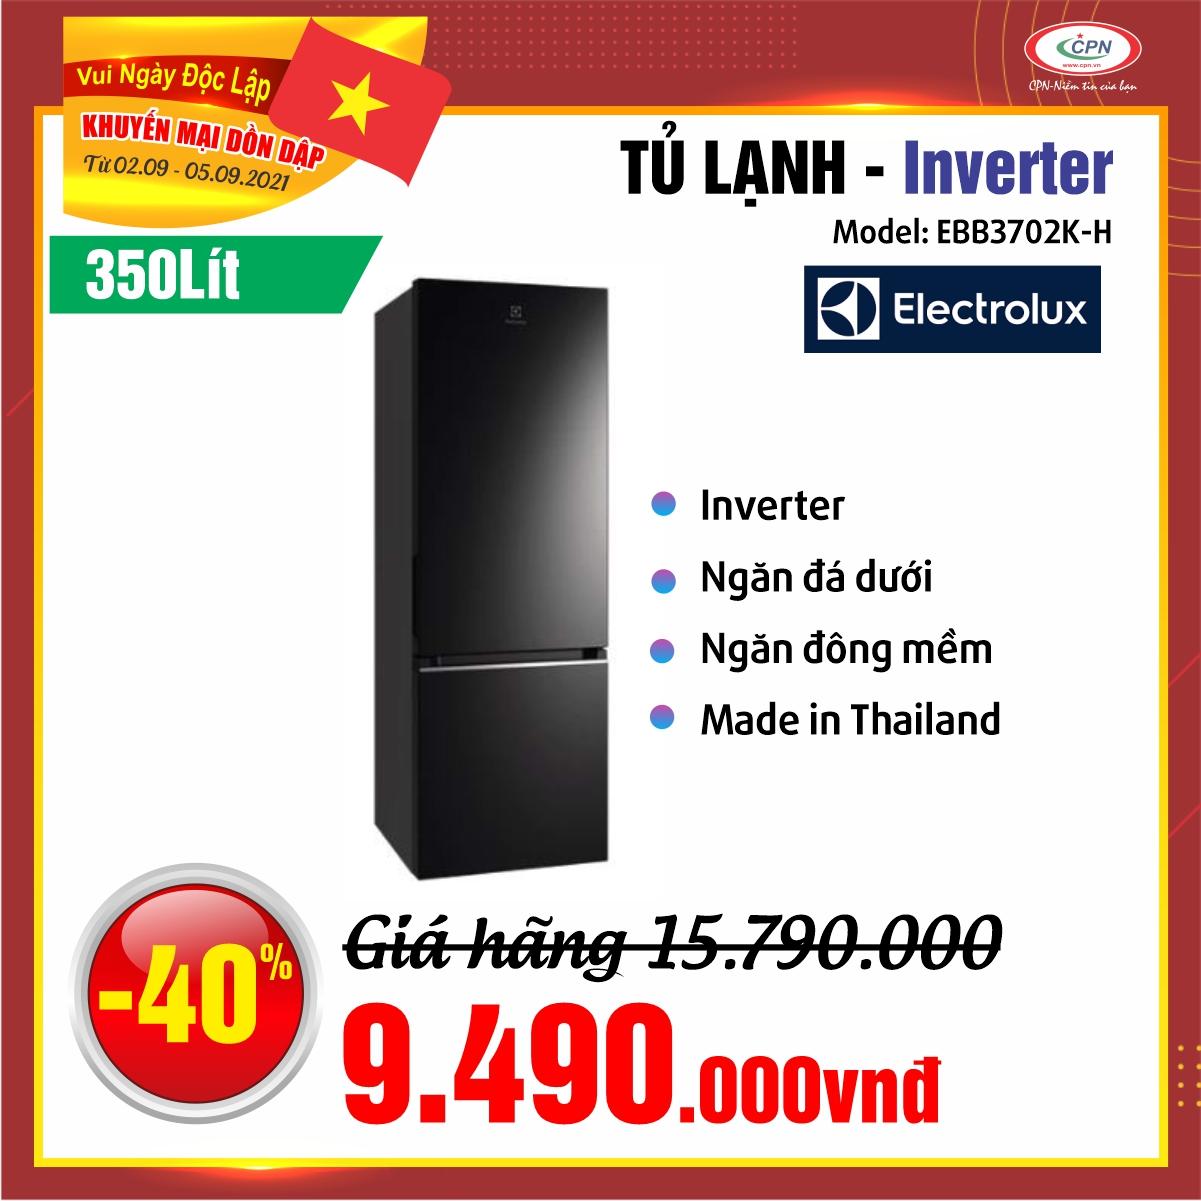 900x900-quoc-khanh-2021-ebb3702k-h.jpg